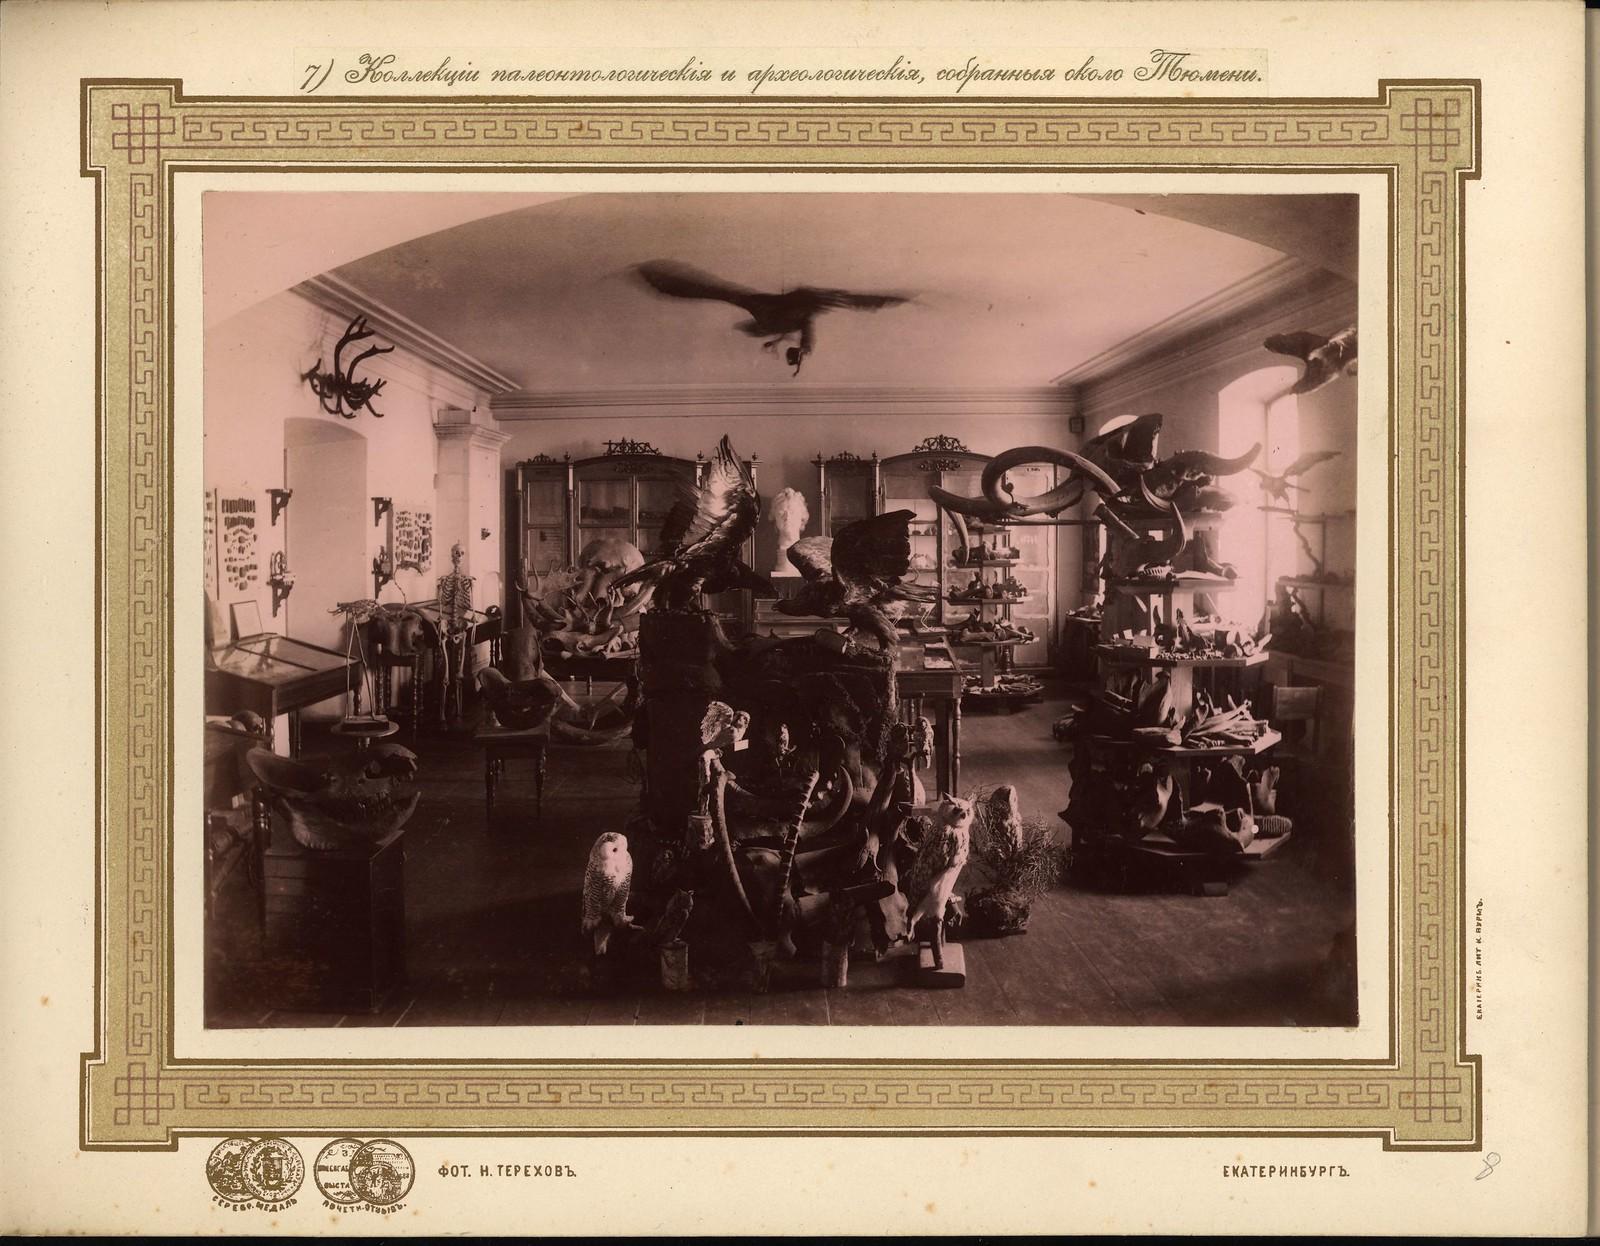 08. Коллекции палеонтологические и археологические, собранные около Тюмени